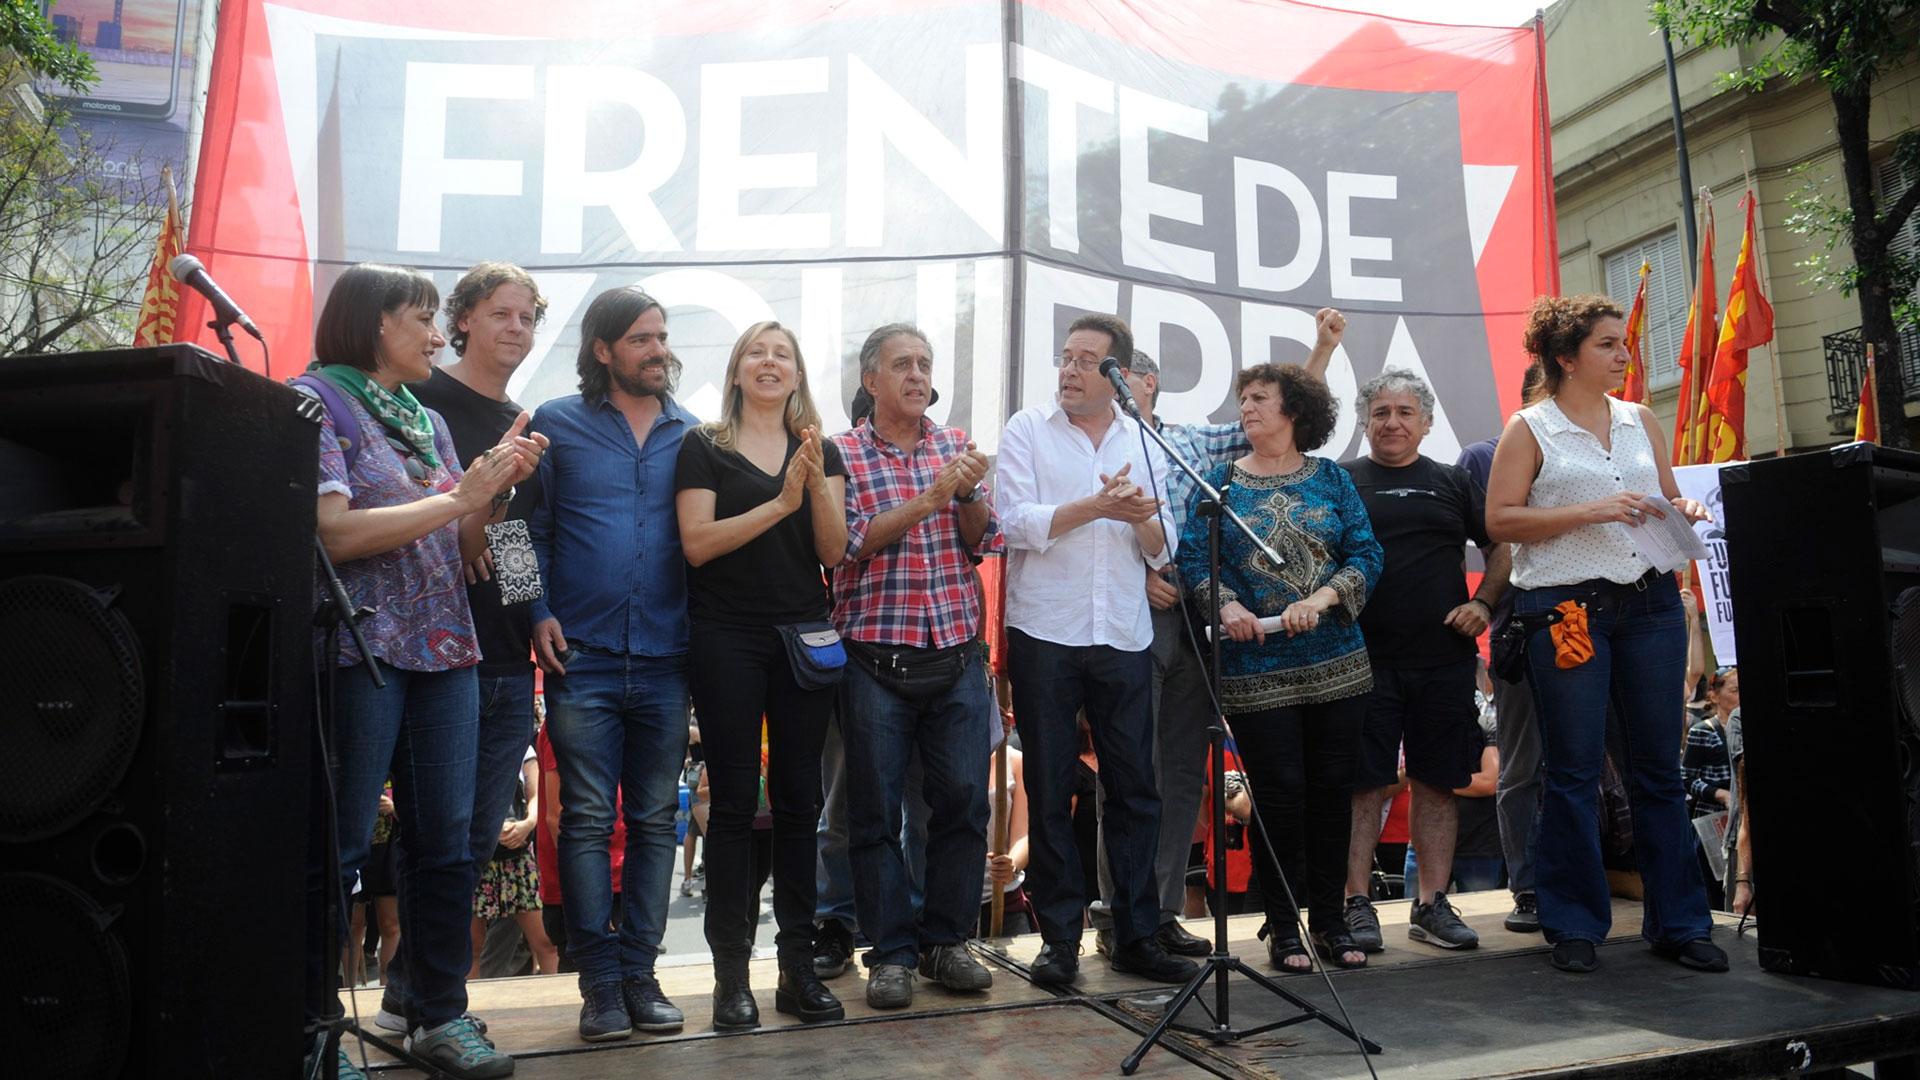 Los dirigentes de izquierda se unieron para expresar el rechazo a la organización del G20